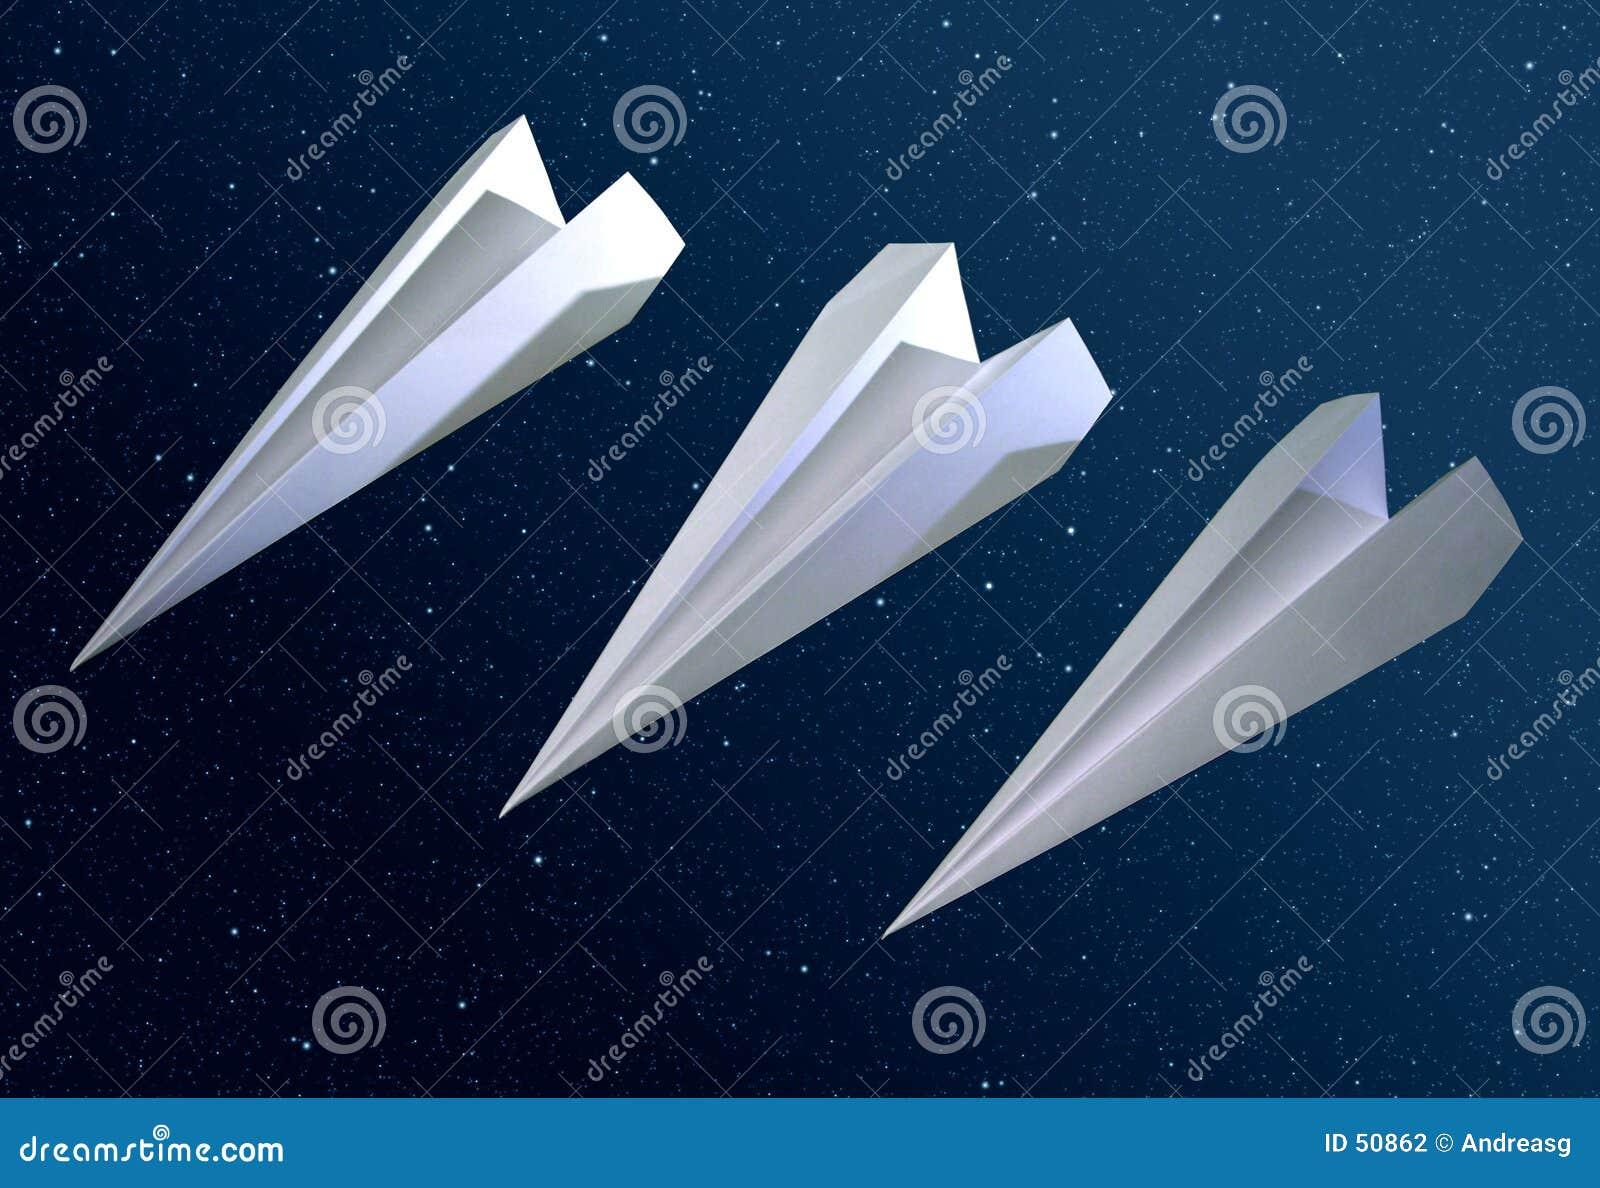 3 foguetes do origami no espaço